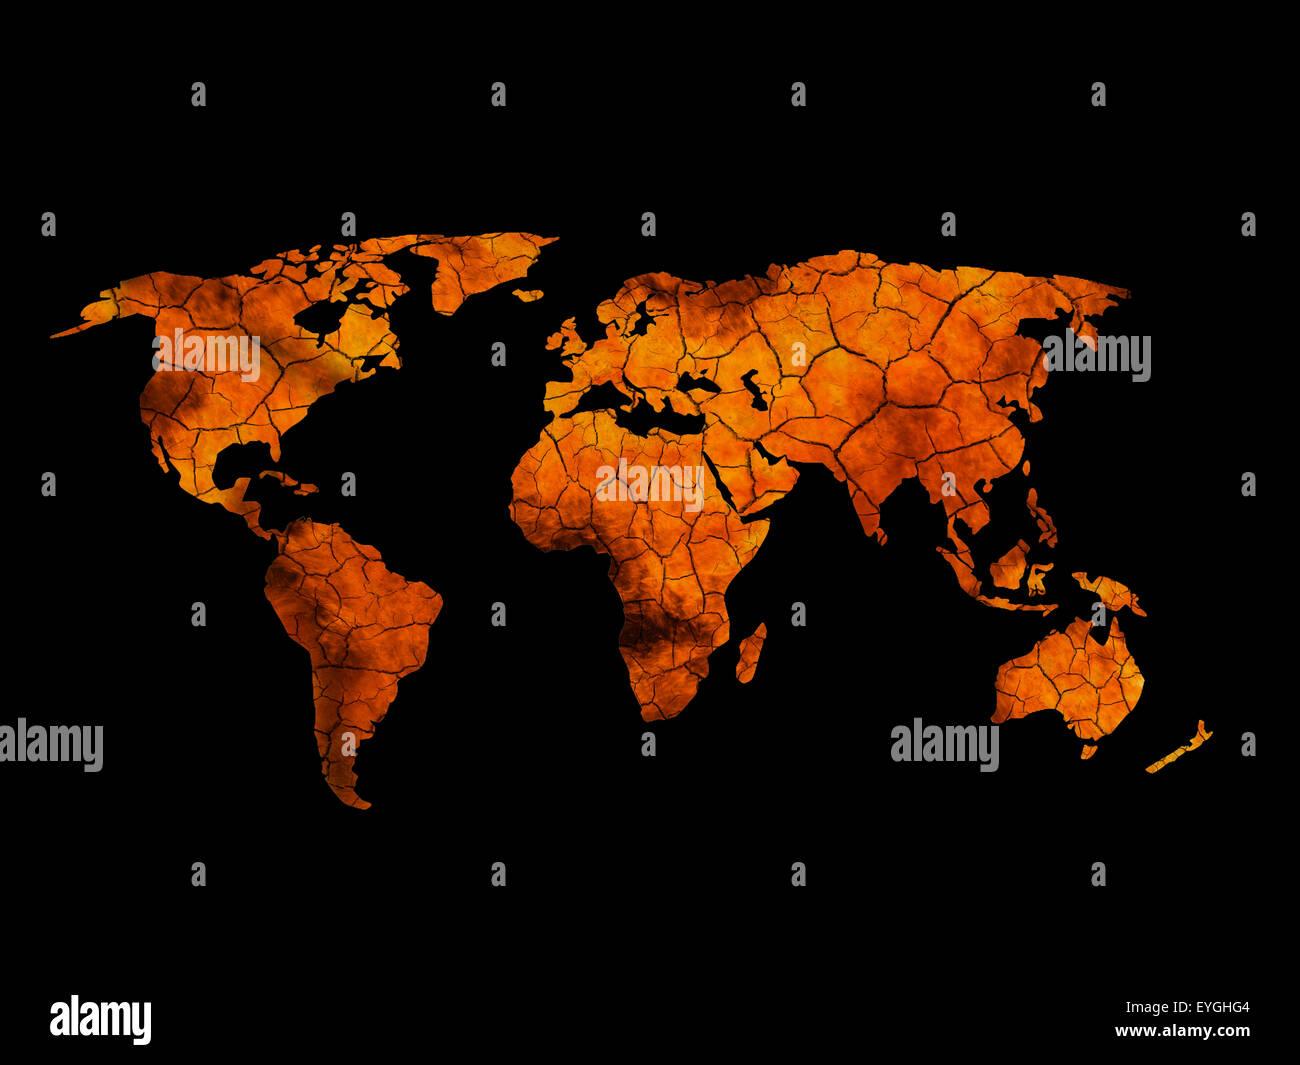 Agrietado y tierra quemada mapa del mundo. Imagen De Stock